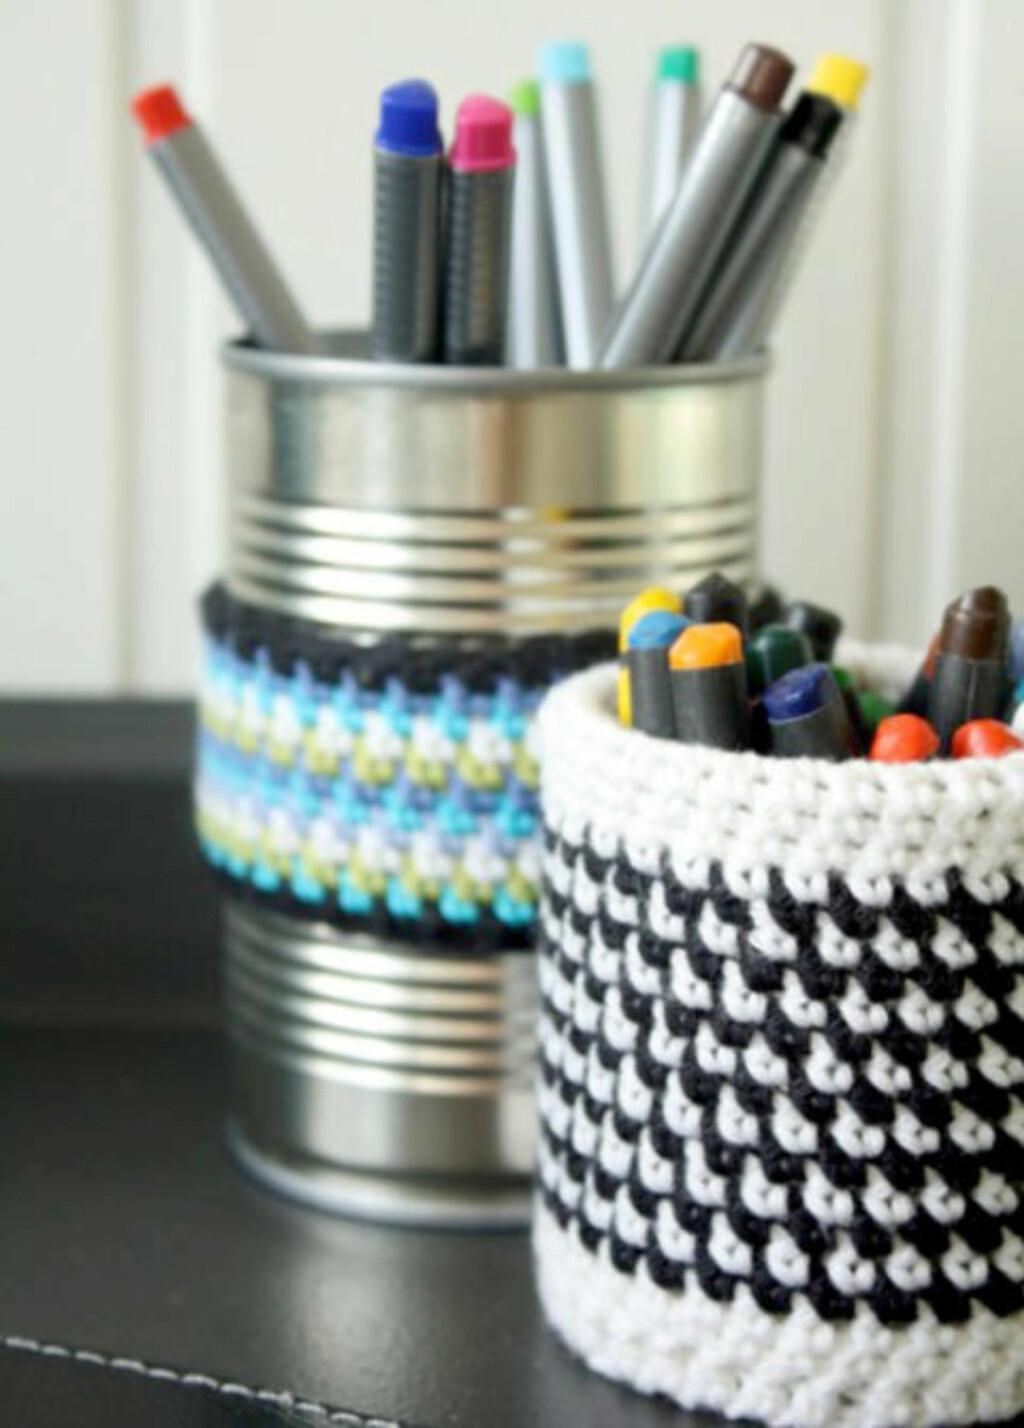 HERMETIKK-TREKK: Hekle trekk til metallbokser og bruk dem til å oppbevare skrivesaker eller småting. FOTO: Janne Merete Frydenlund